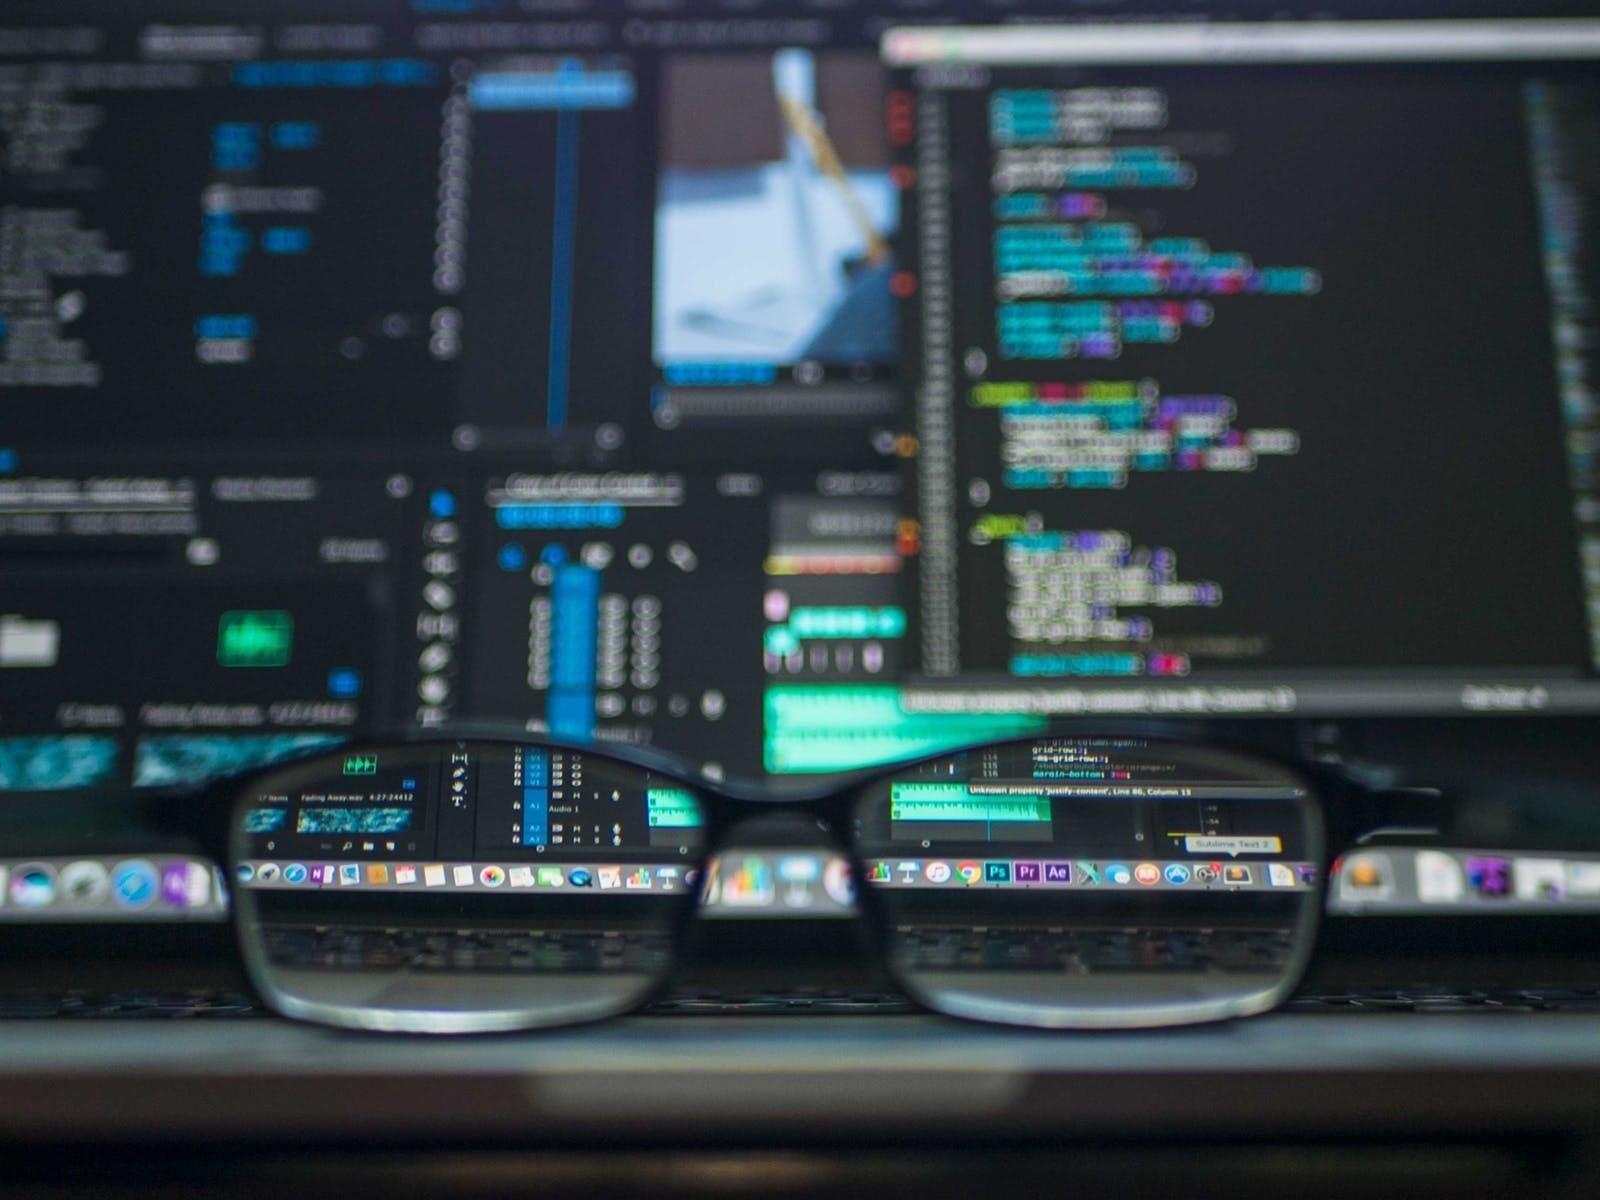 MSc in Data Analytics, Medford, USA 2019